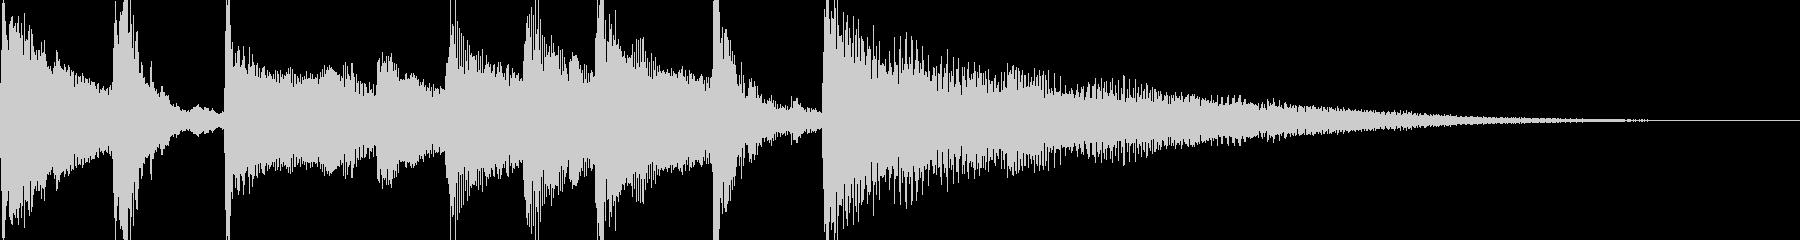 朝のイメージのジングルの未再生の波形